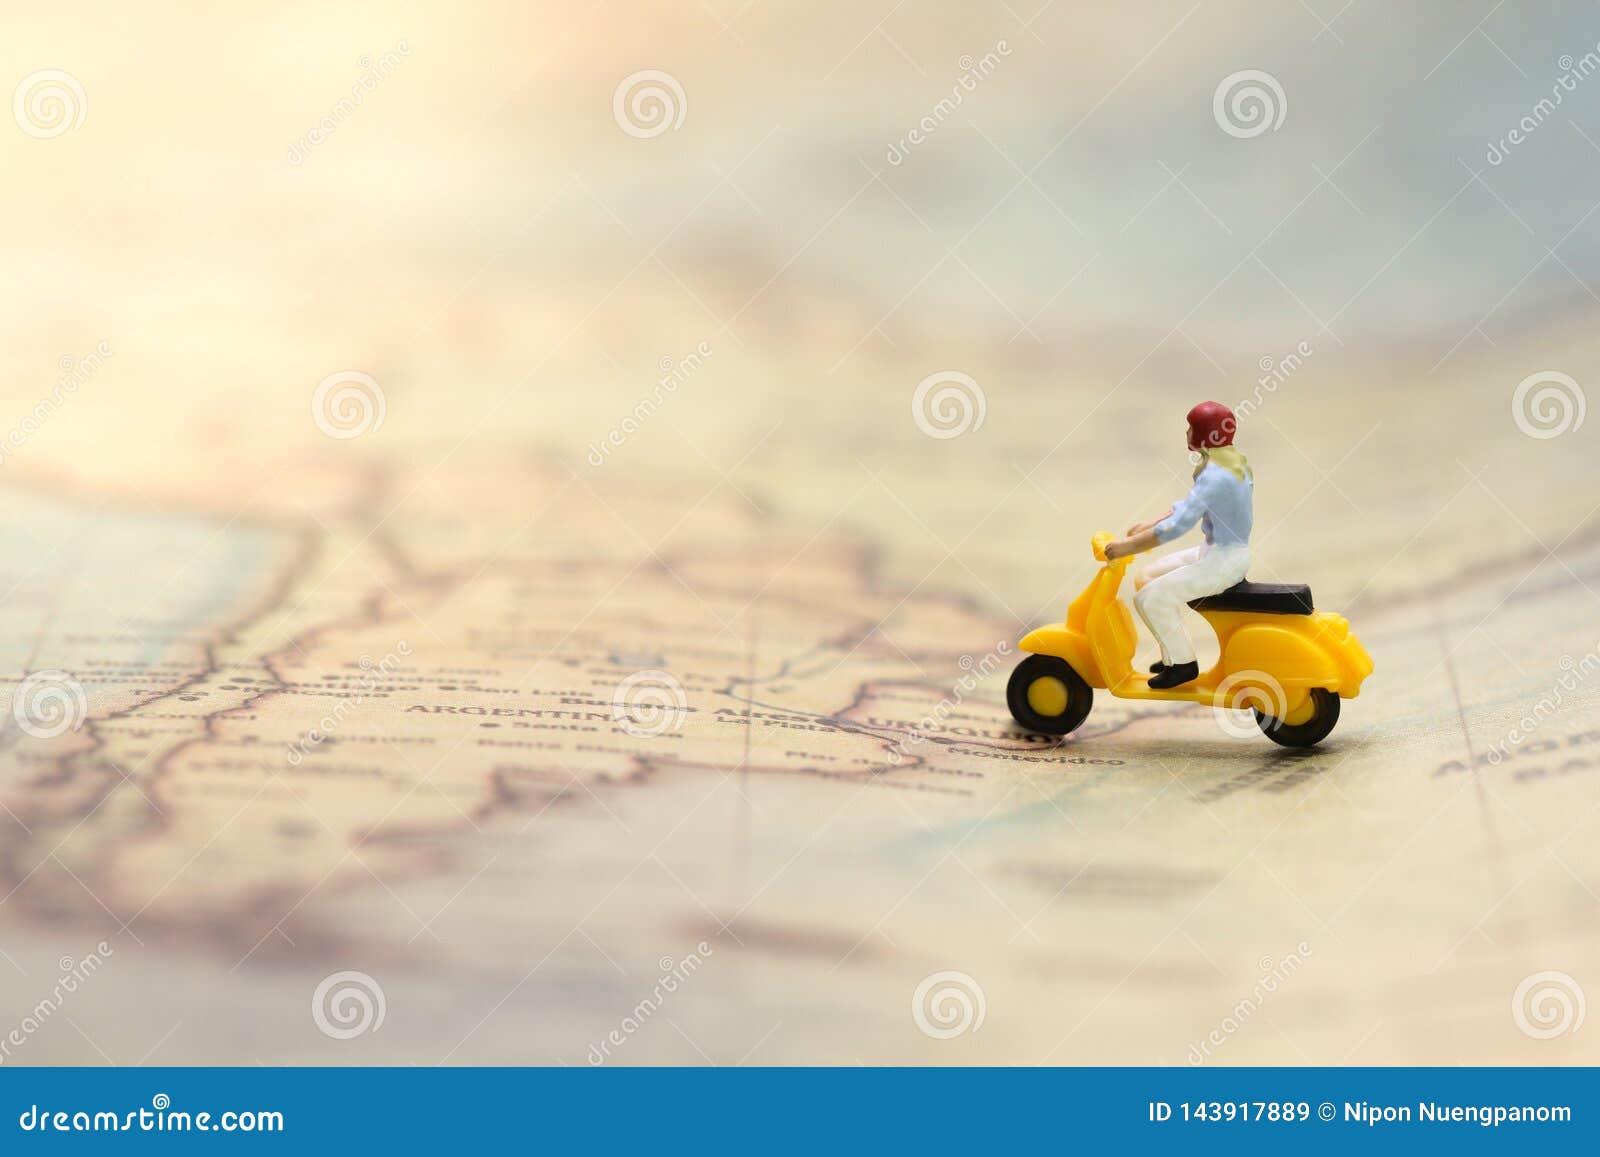 Jonge vrouw die gele cijferautoped berijden op uitstekende wereldkaart